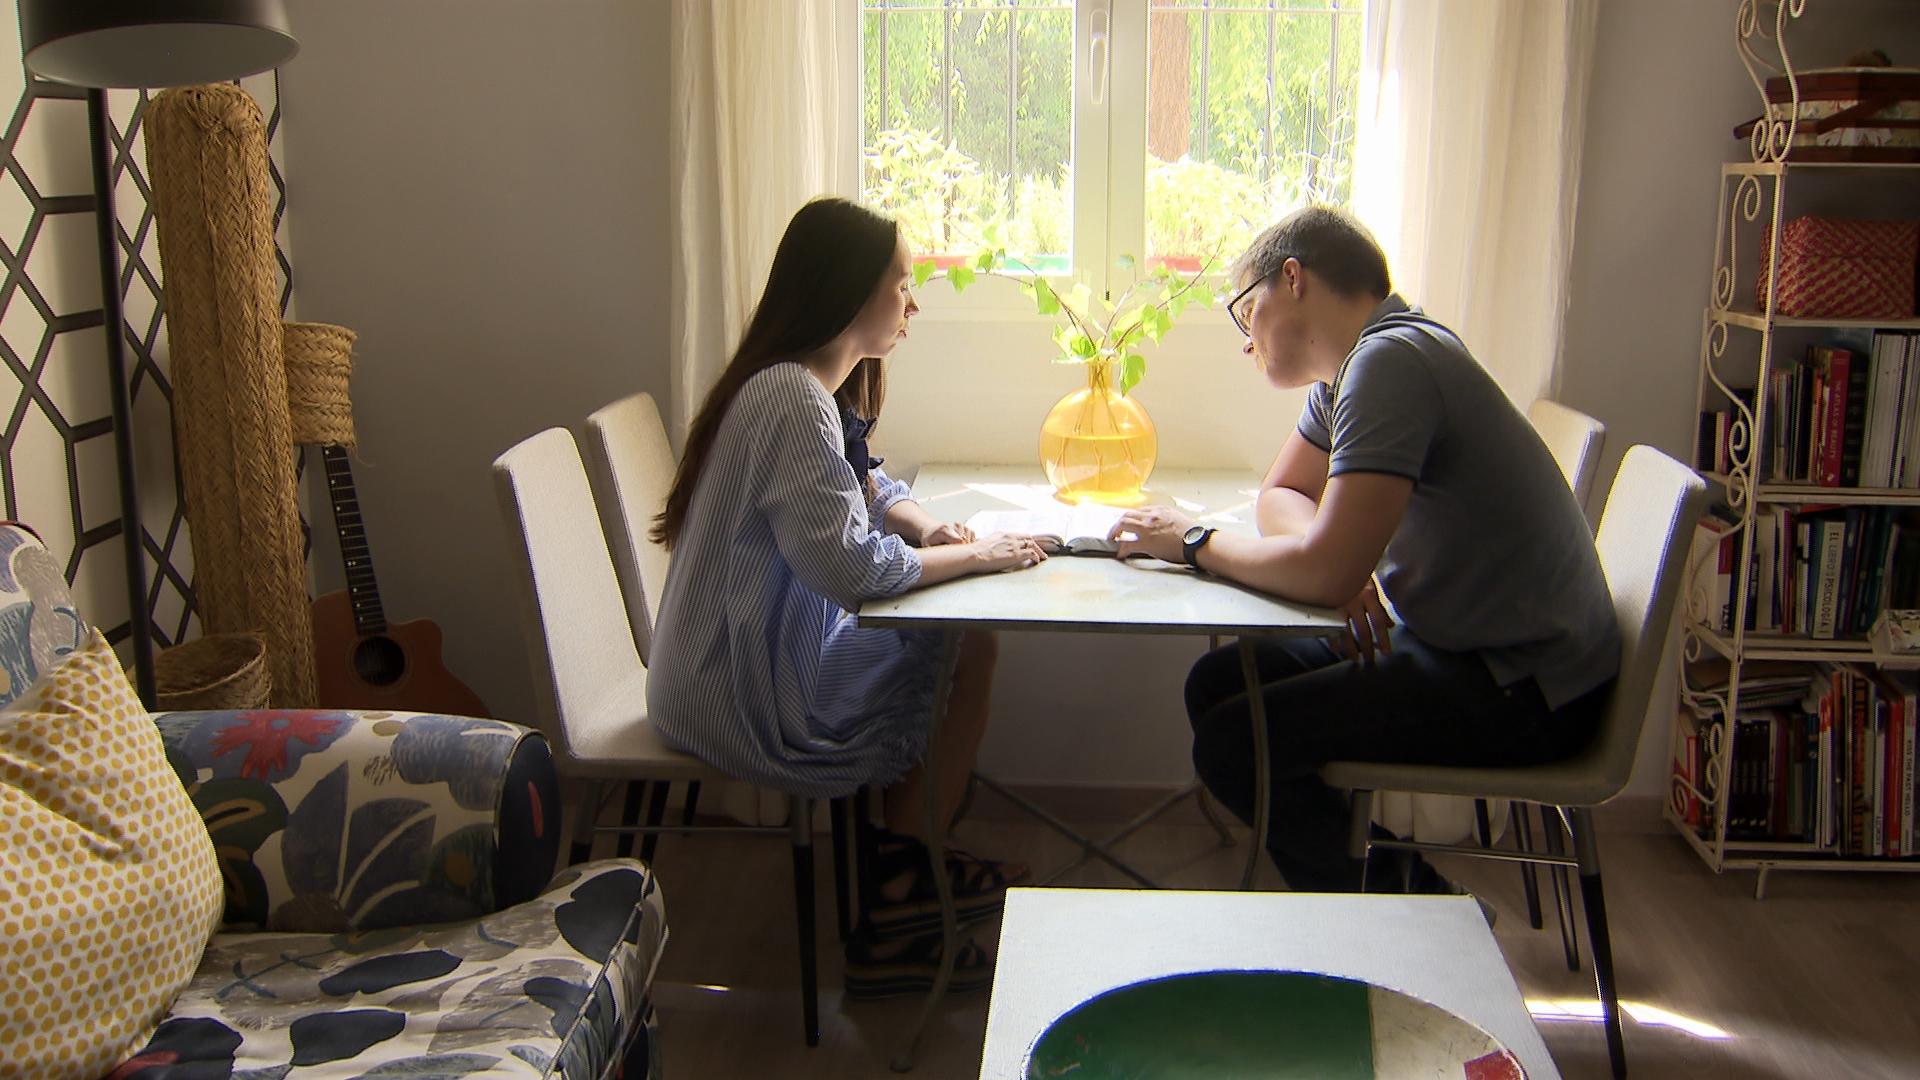 Buenas noticias TV - La fe de Rubén y Paula